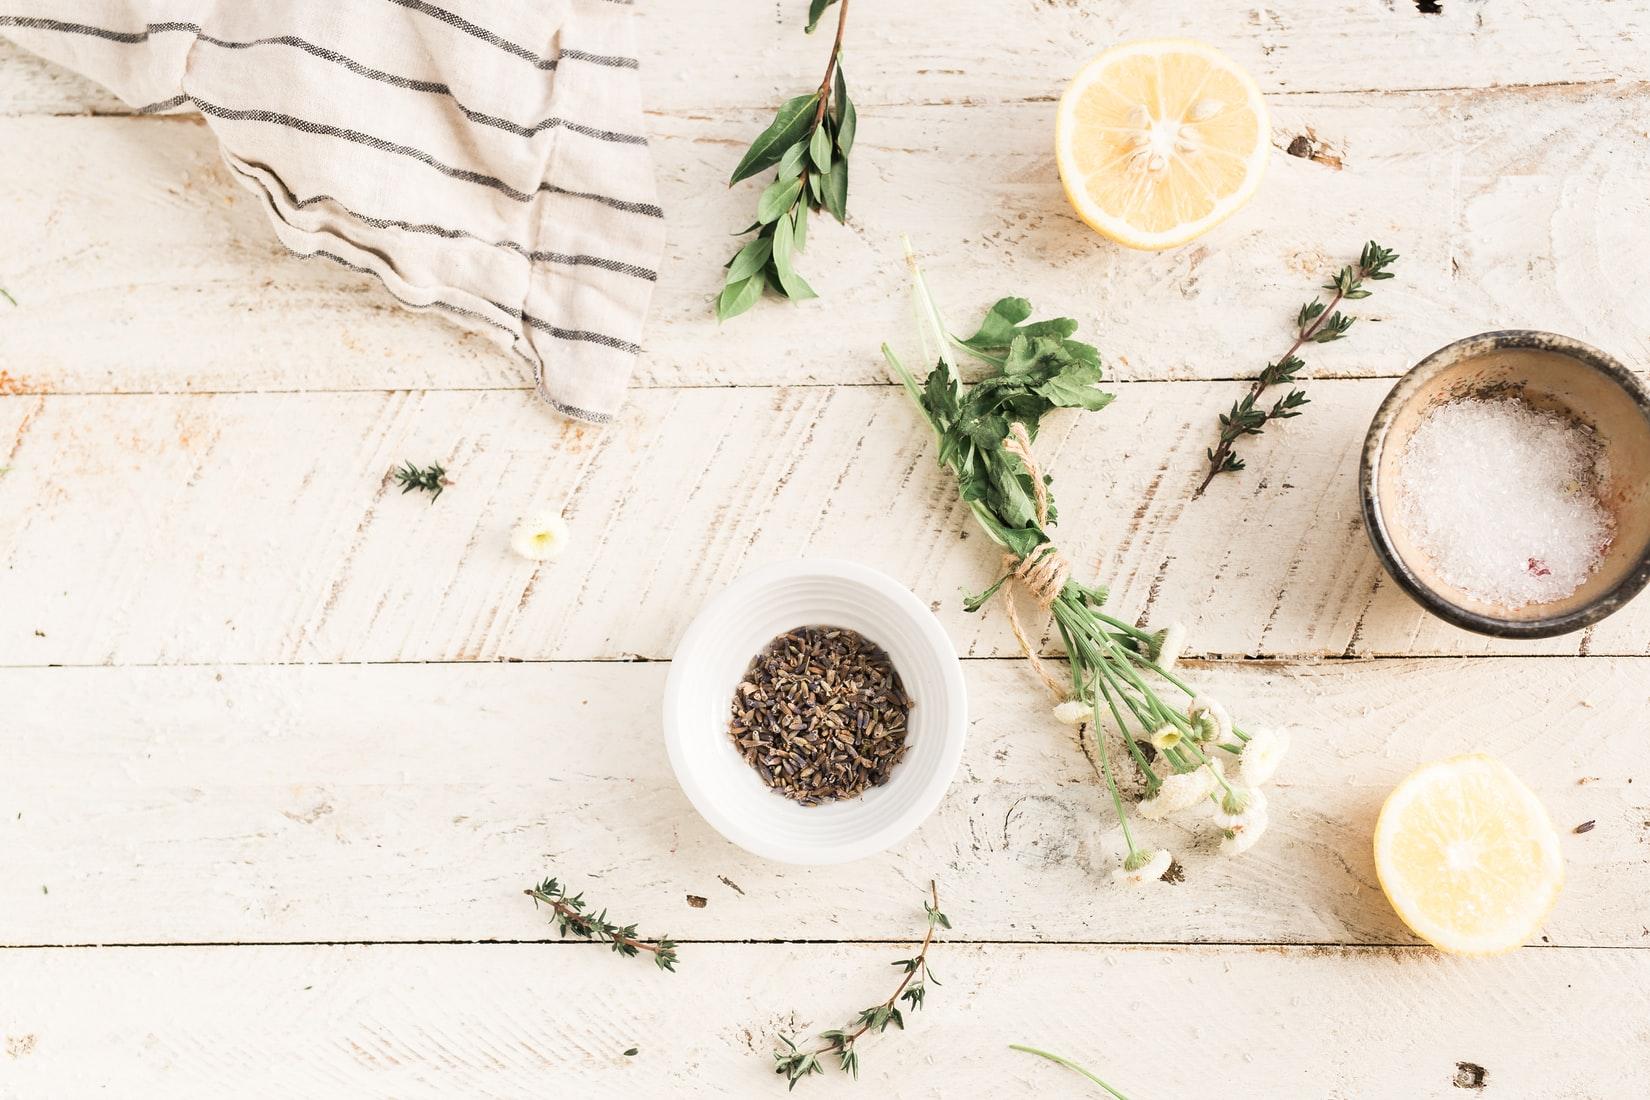 【自製香氛】五種不同精油的配方,讓你隨時隨地享受好心情